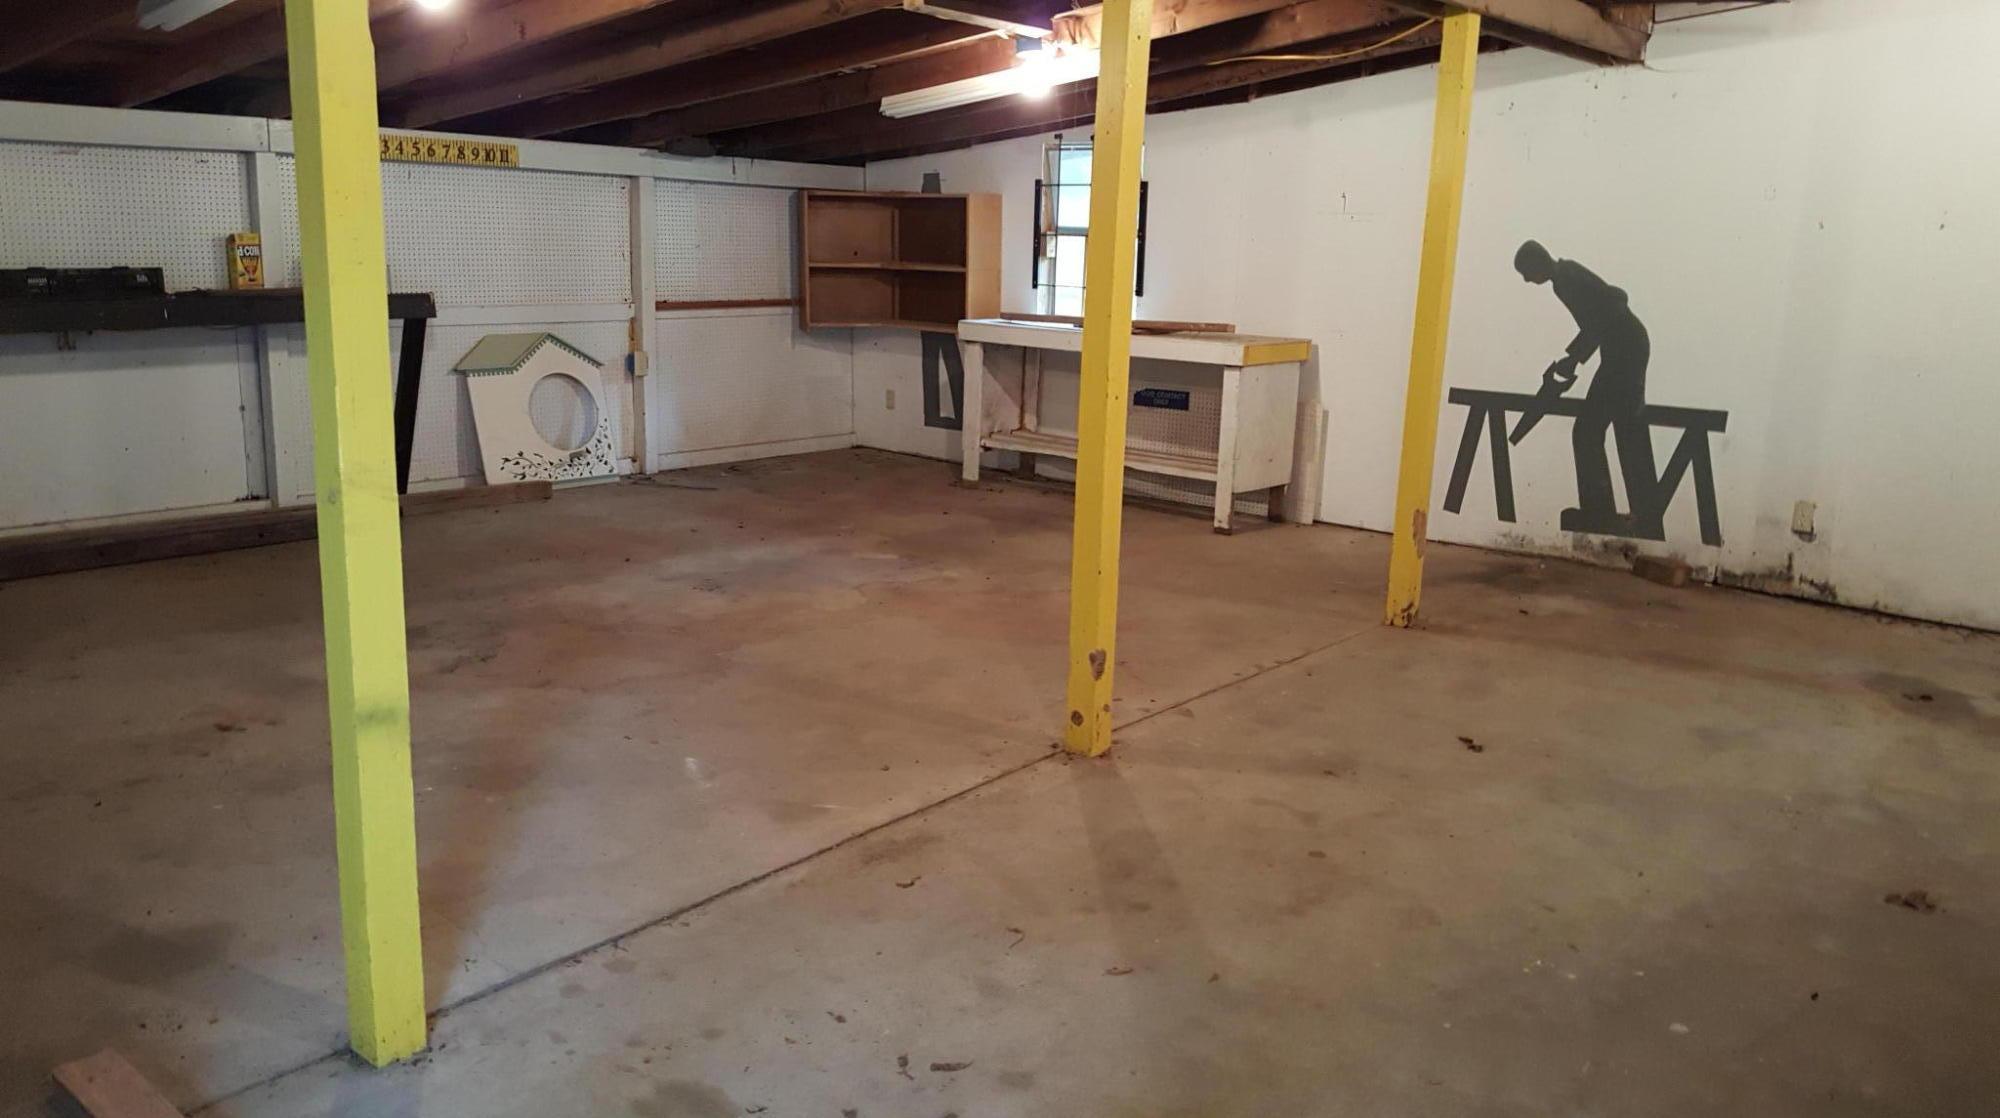 Closed | 54490 E 240 Road Afton, OK 74331 19